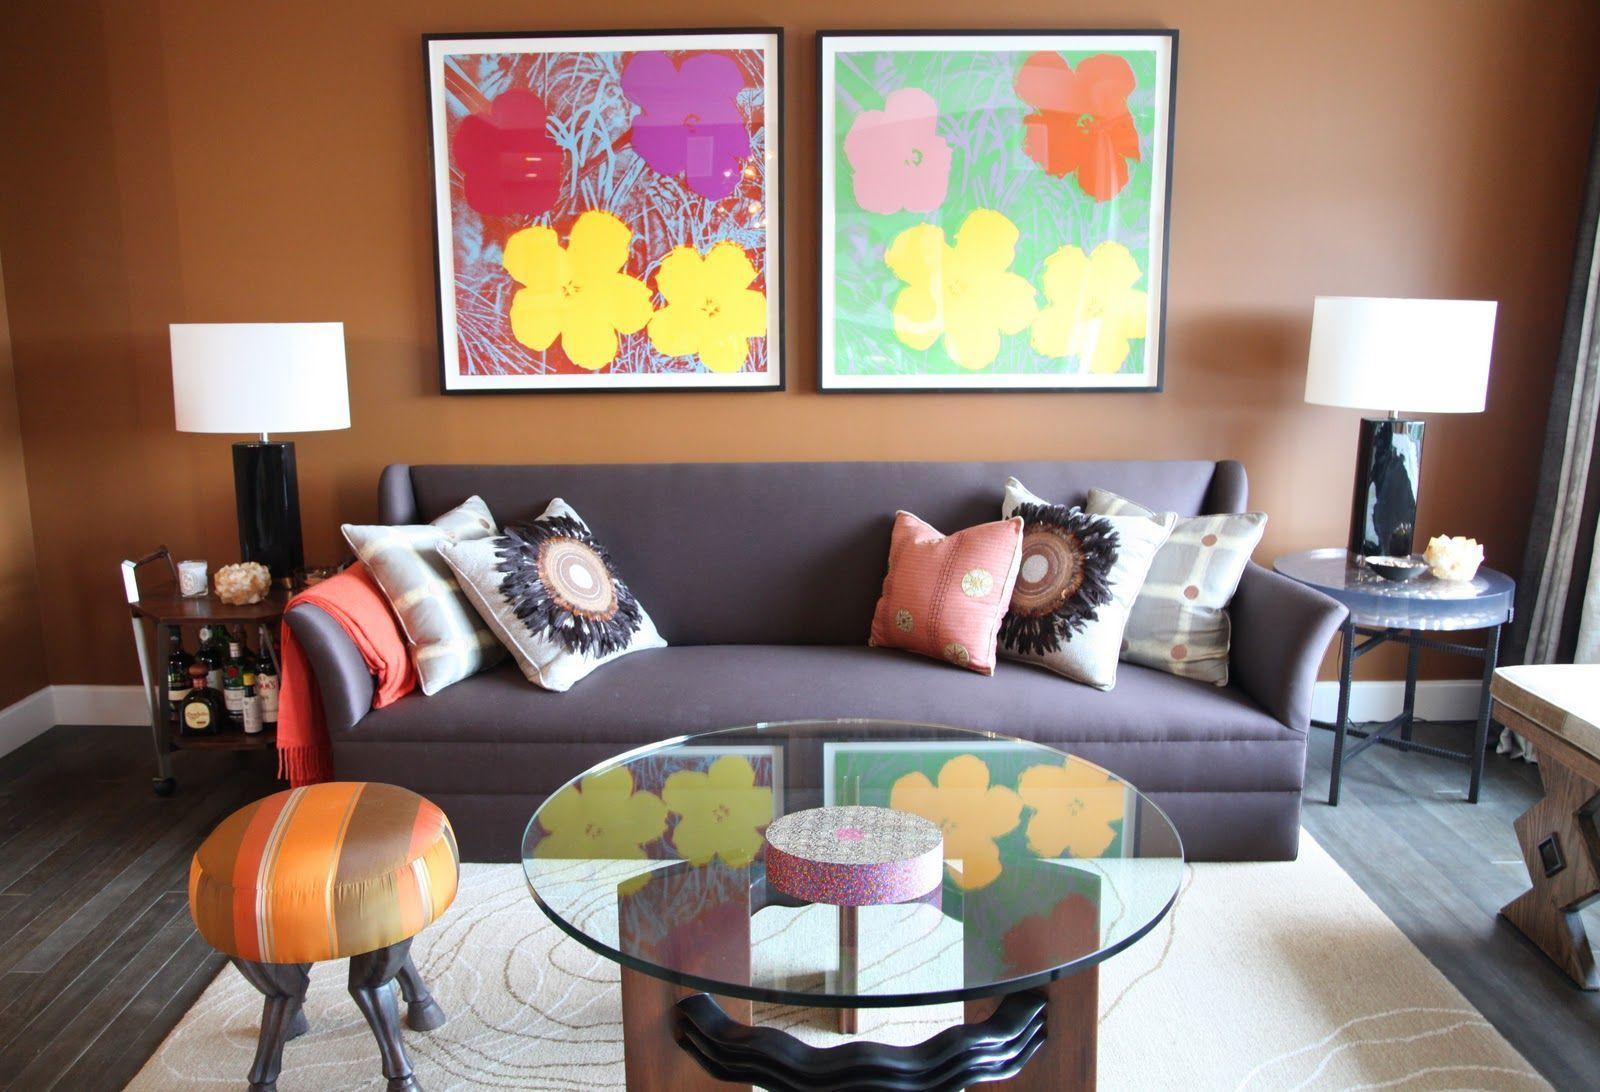 Los muebles de diseño se pueden decorar de diversas maneras y utilizando diferentes técnicas una de las más simples es colocando sobre los mismos objetos decorativos, como por ejemplo artesanías